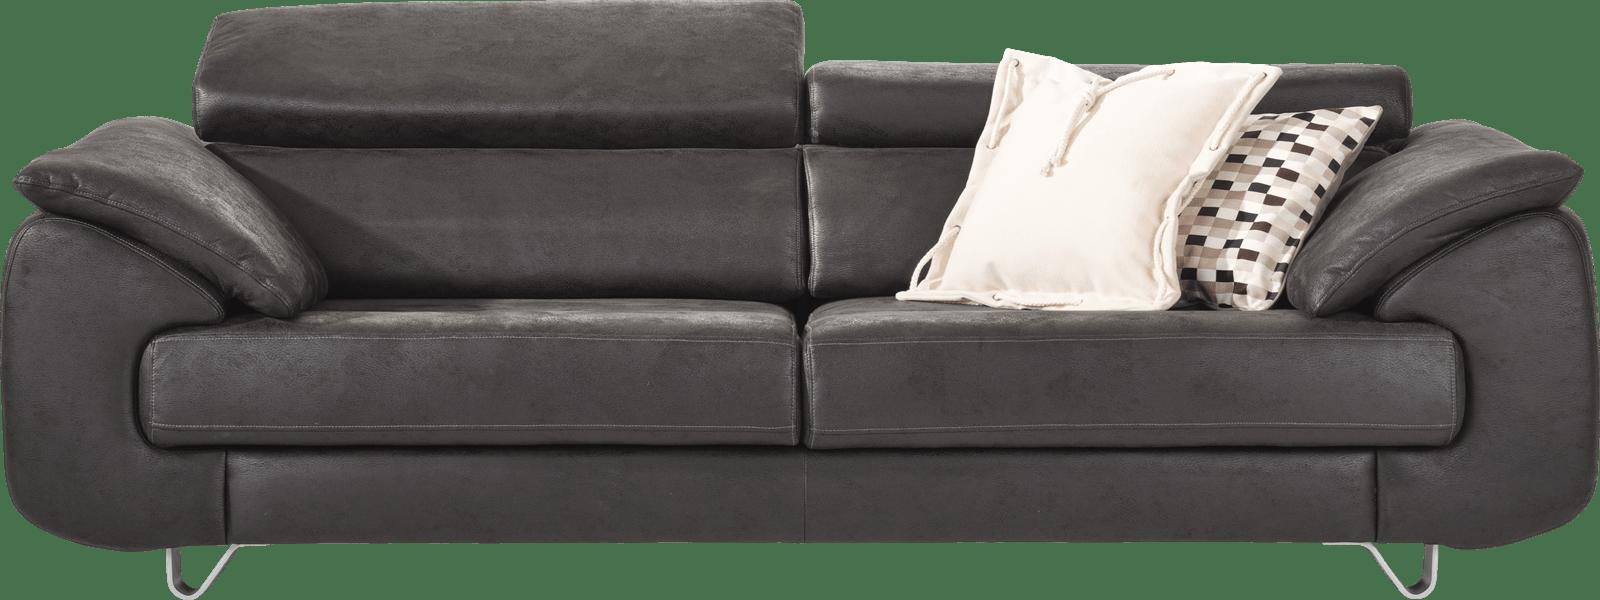 Henders & Hazel - Havanna - Modern - 3-sitzer sitz fest